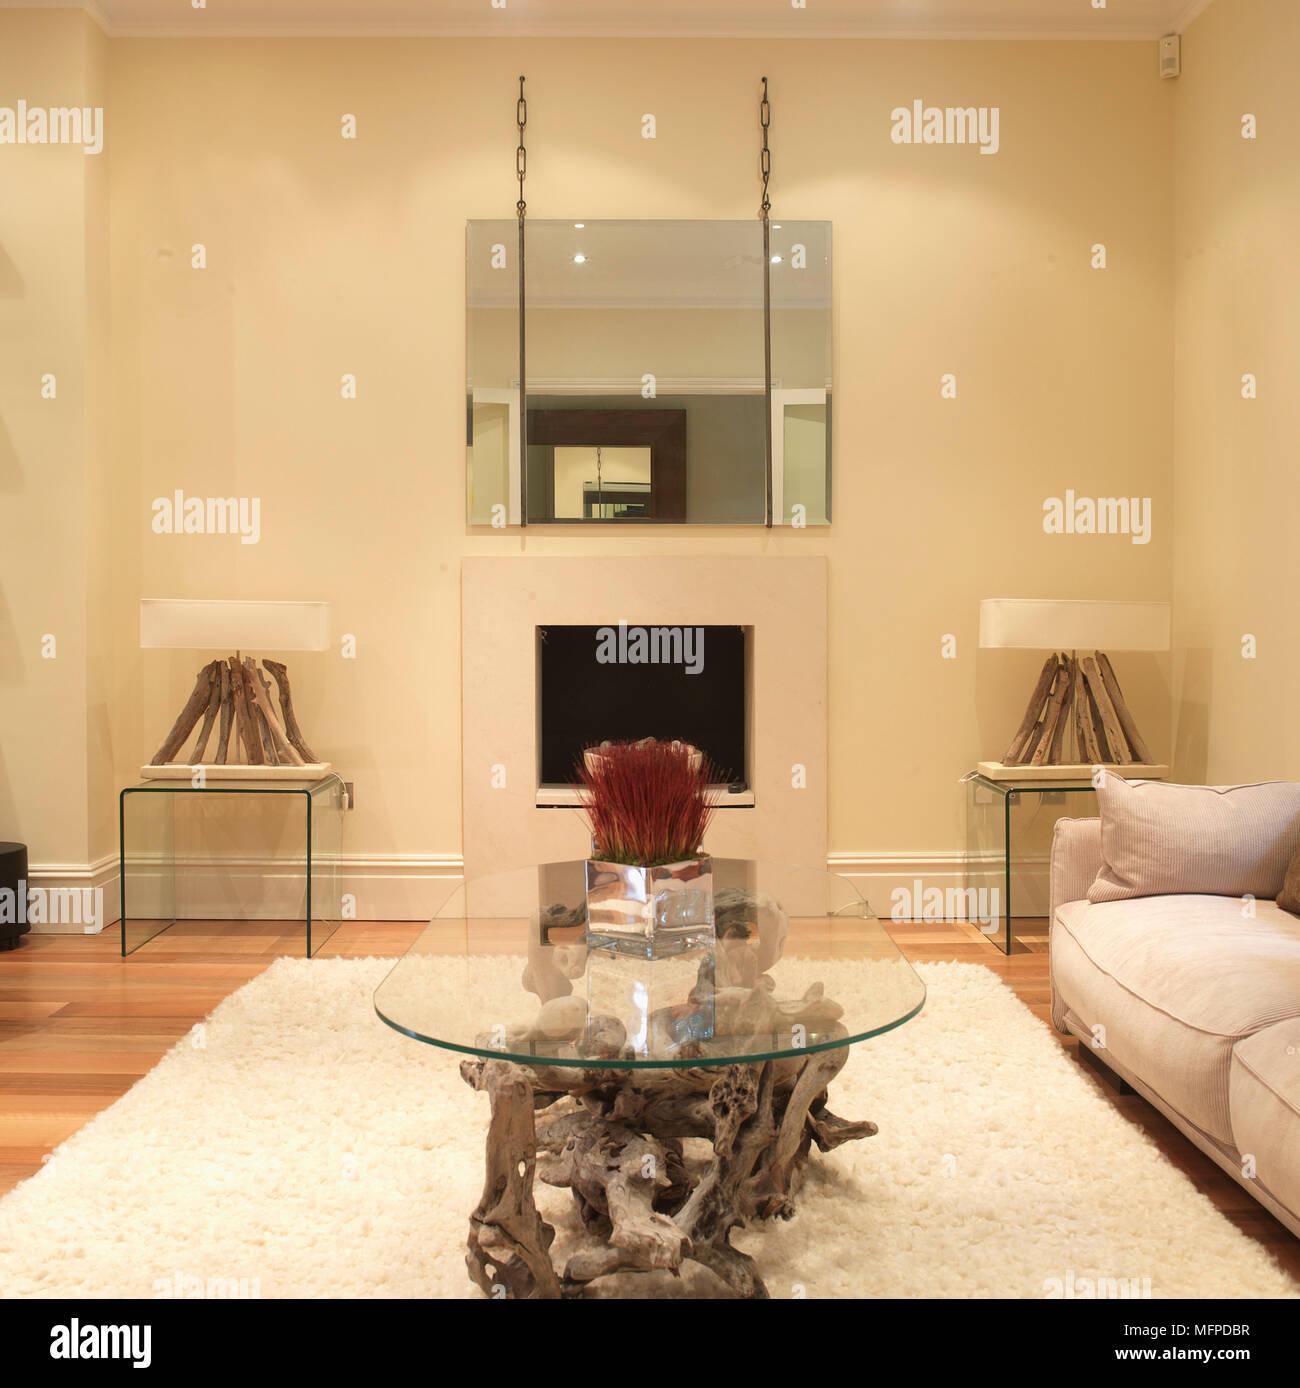 couchtisch aus glas oben auf treibholz auf weissen teppich in moderne wohnzimmer